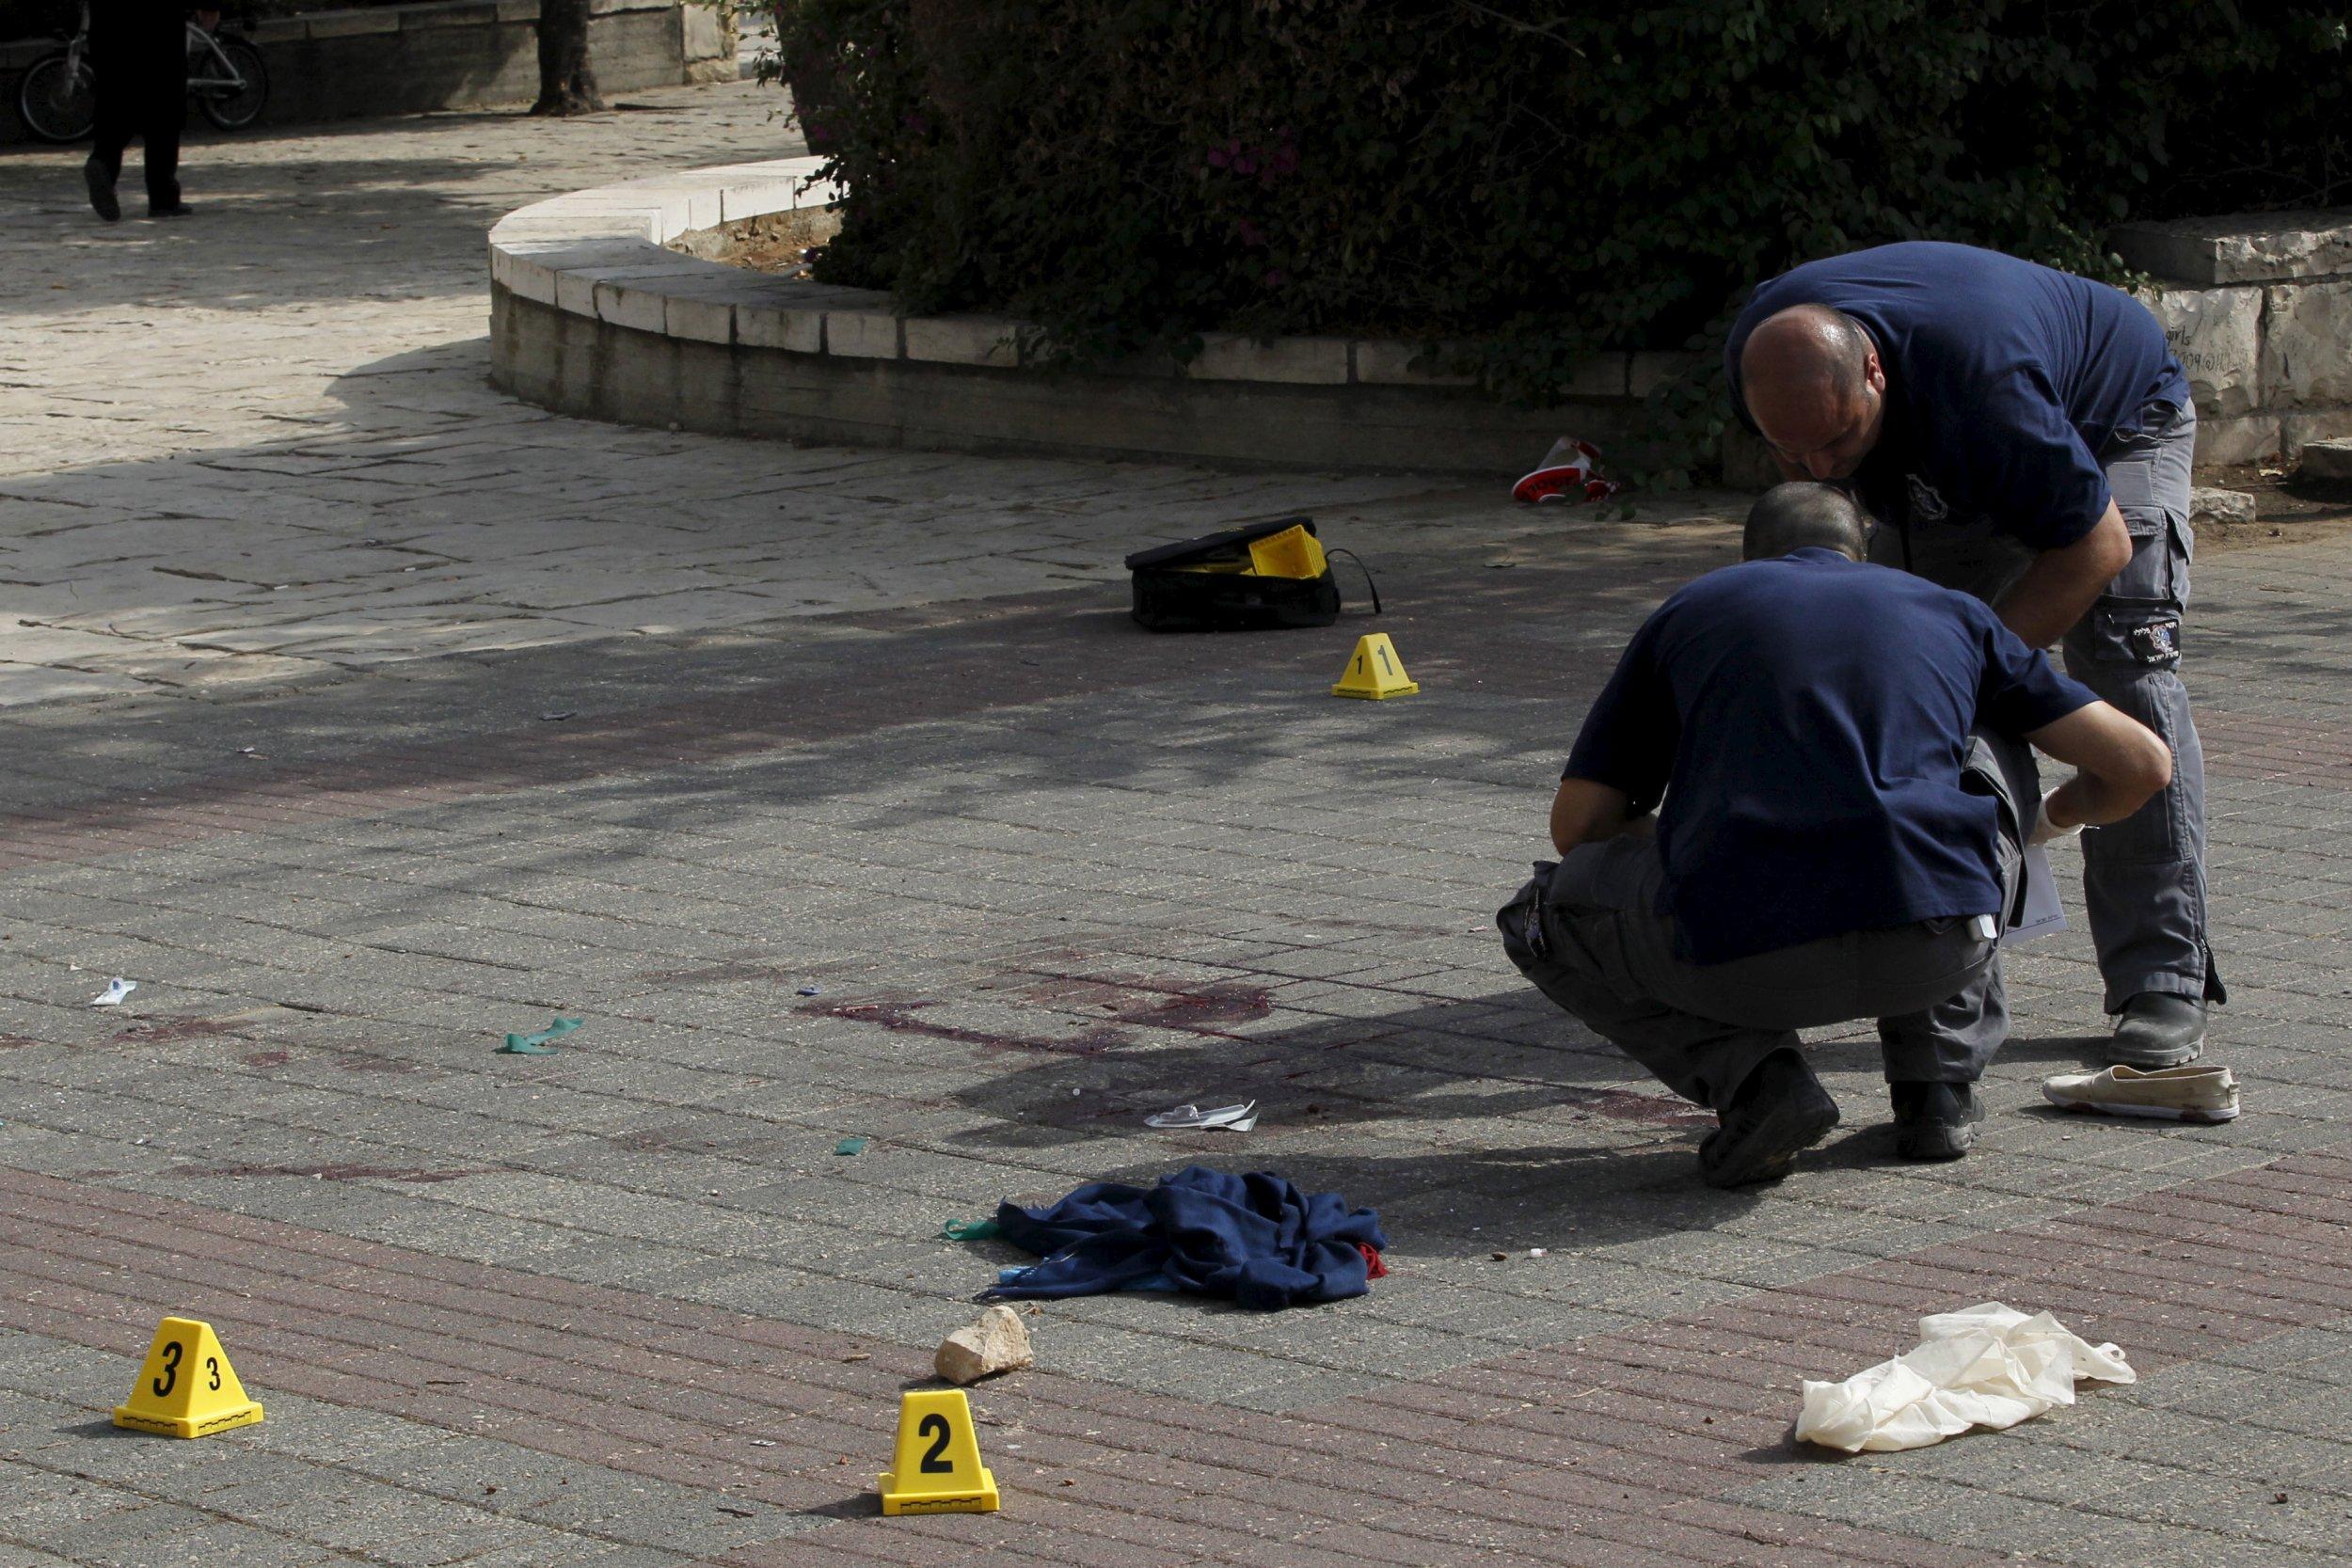 Palestinian stabbings